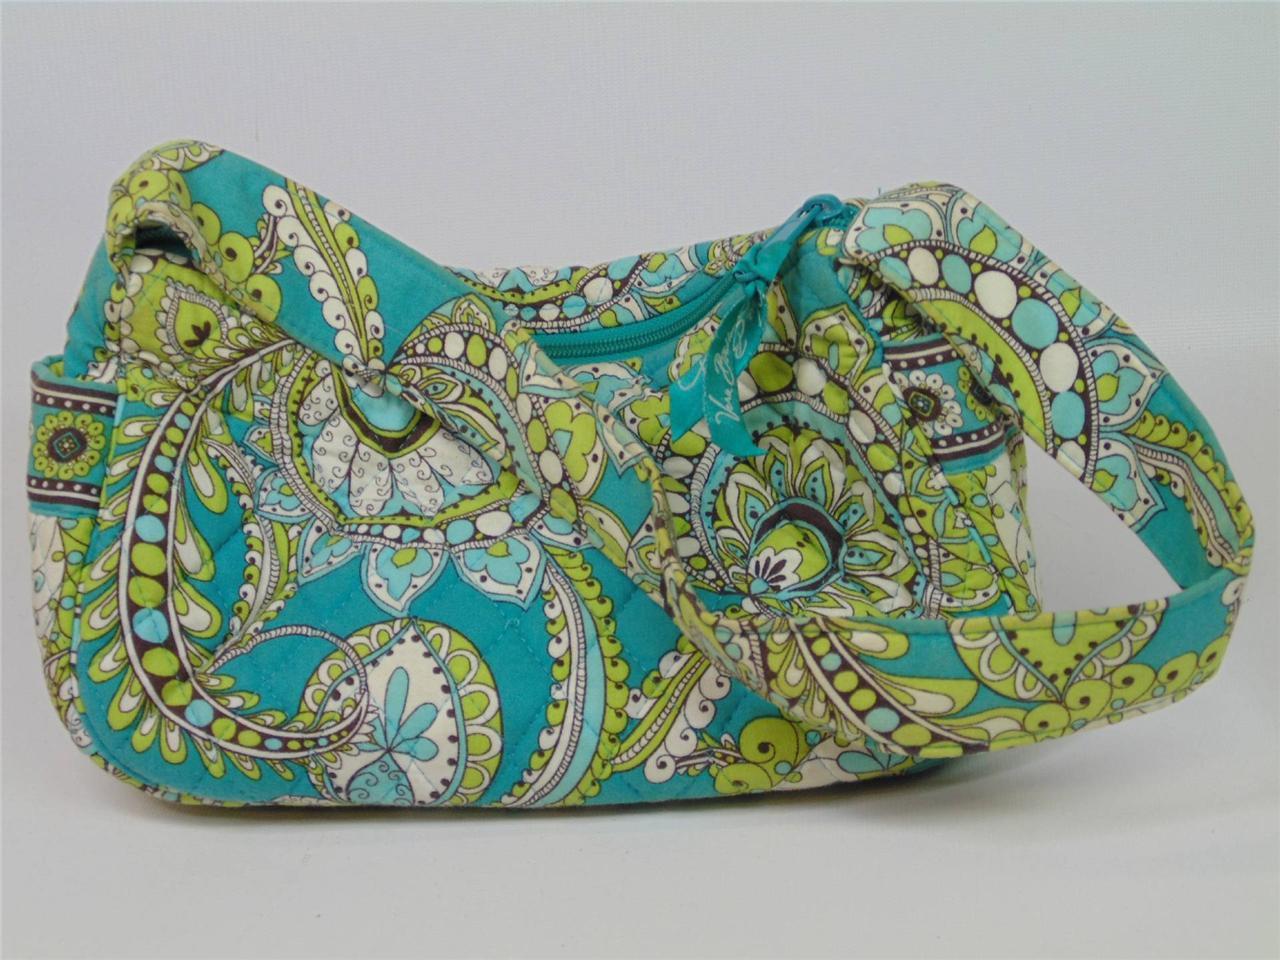 Vera bradley patterns green